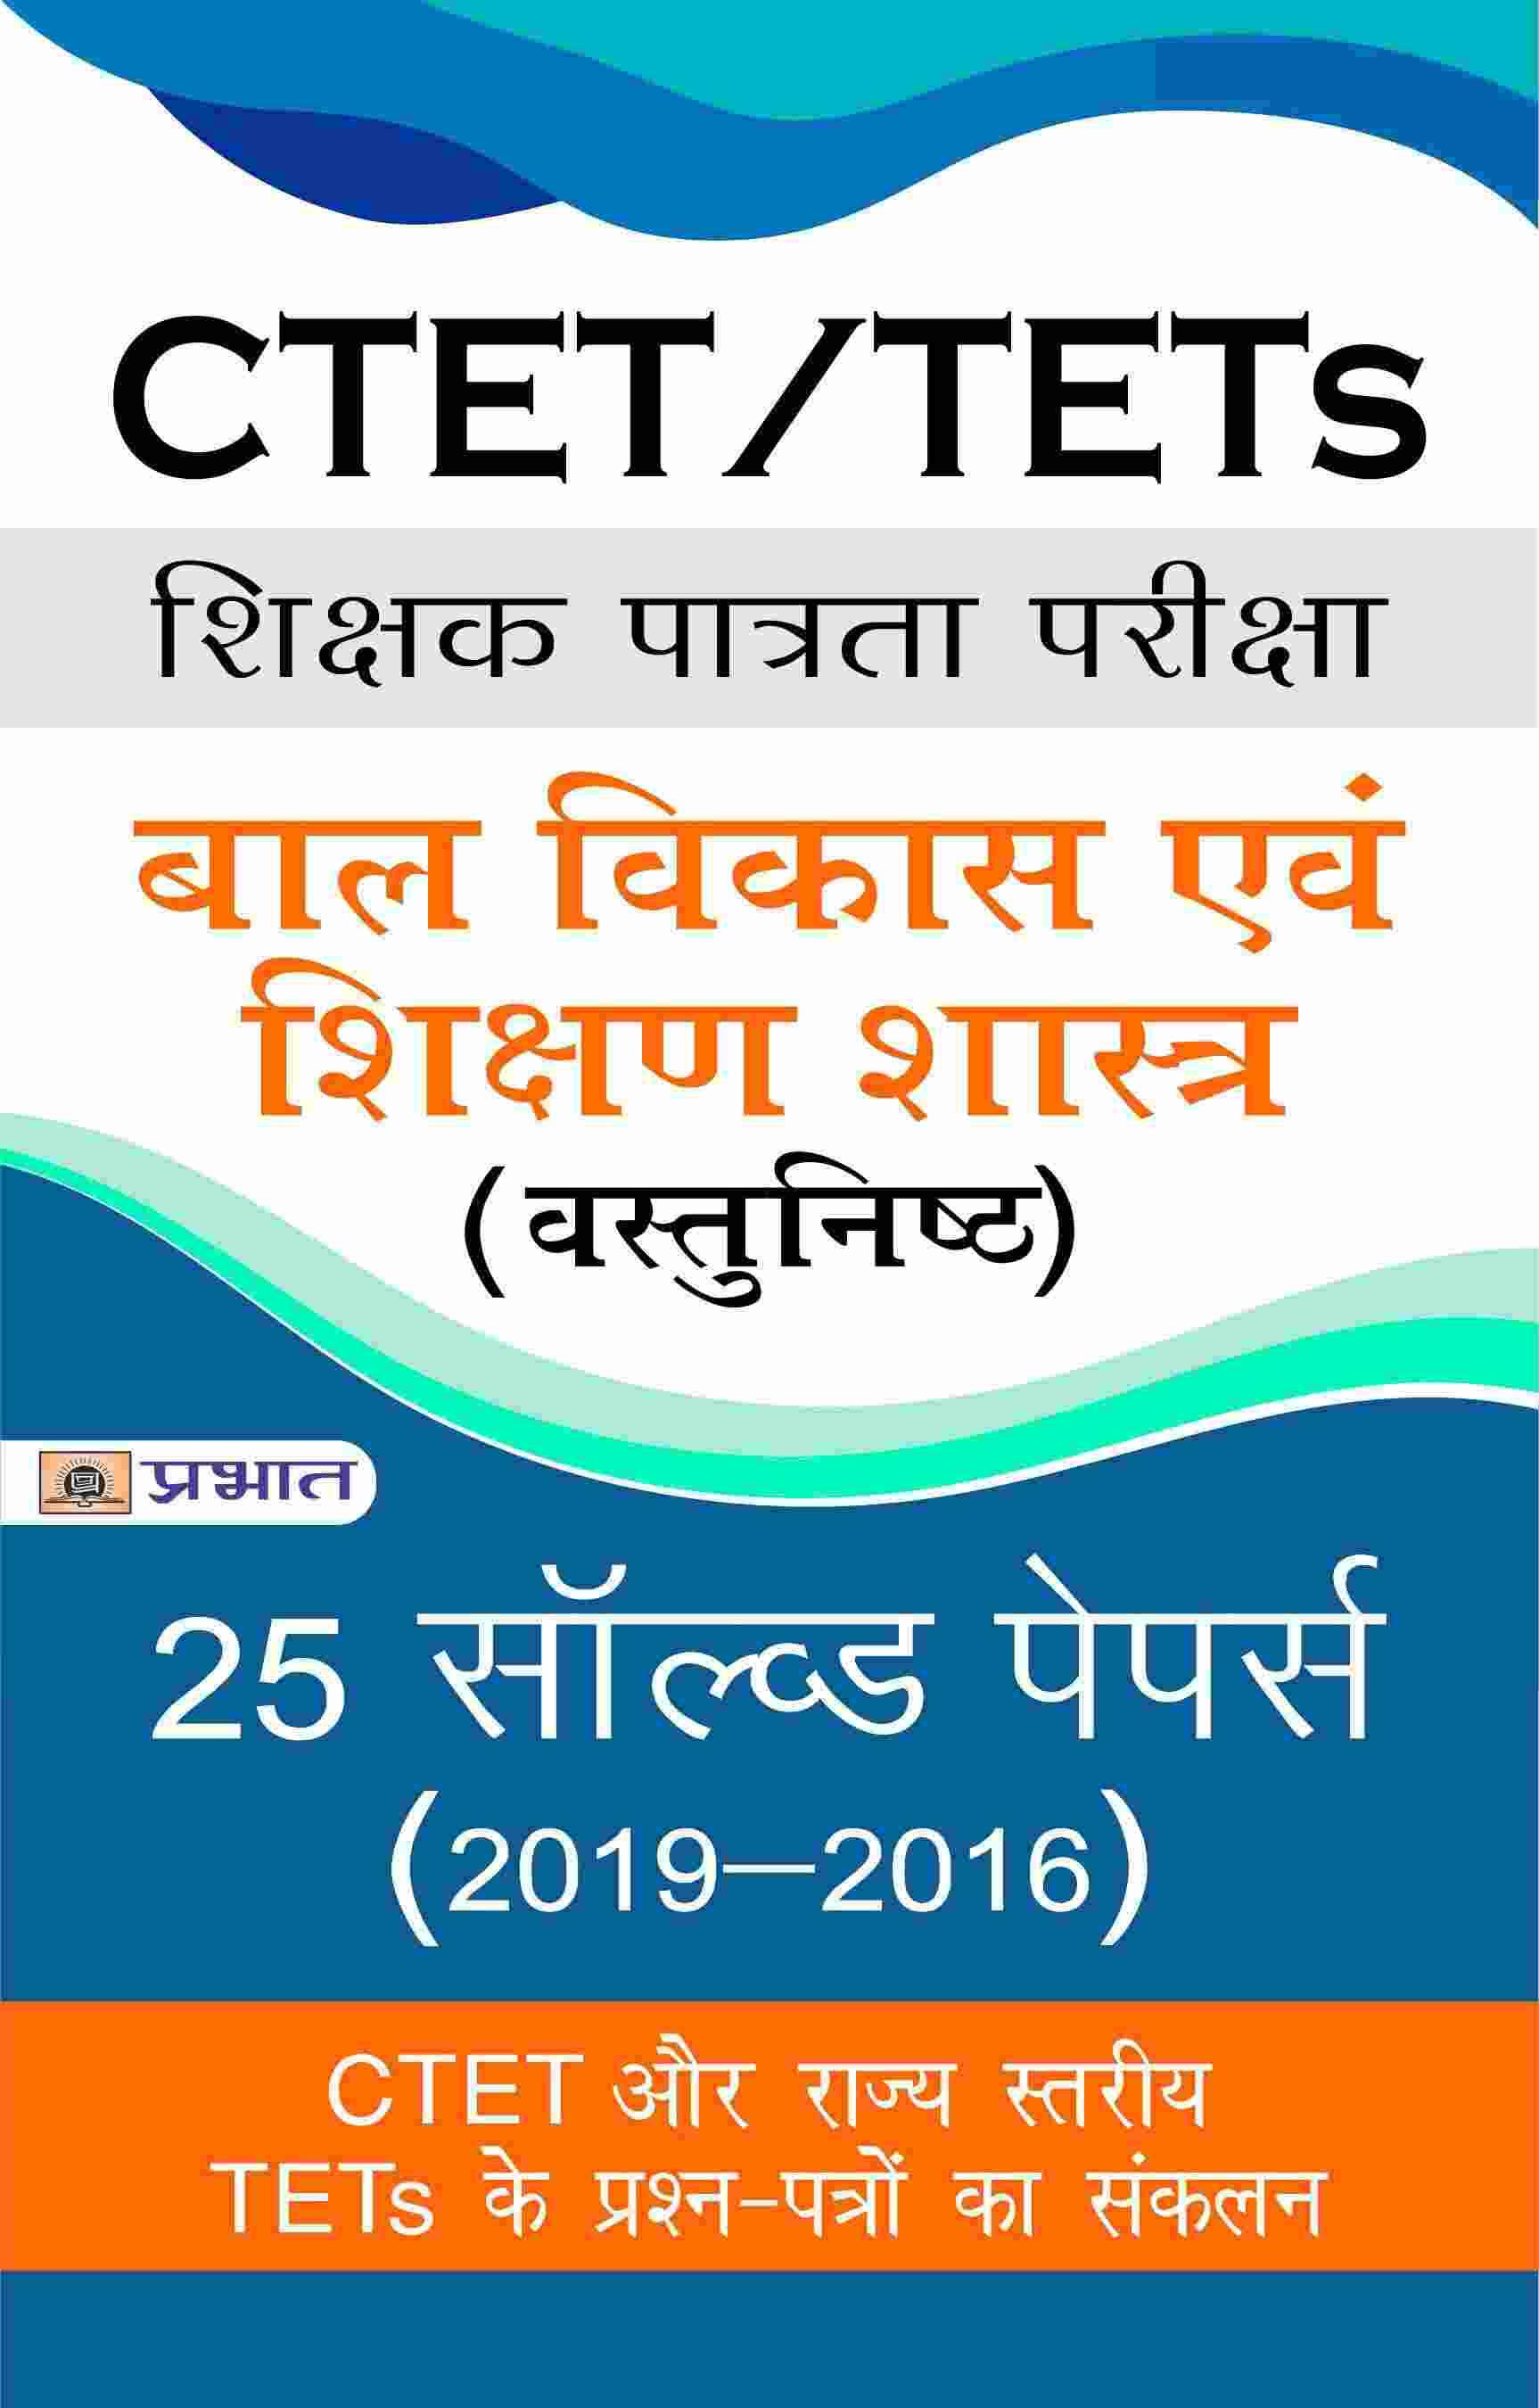 CTET / TETs Shikshak Patrata Pariksha Bal Vikas Evam Shikshan Shastra ...